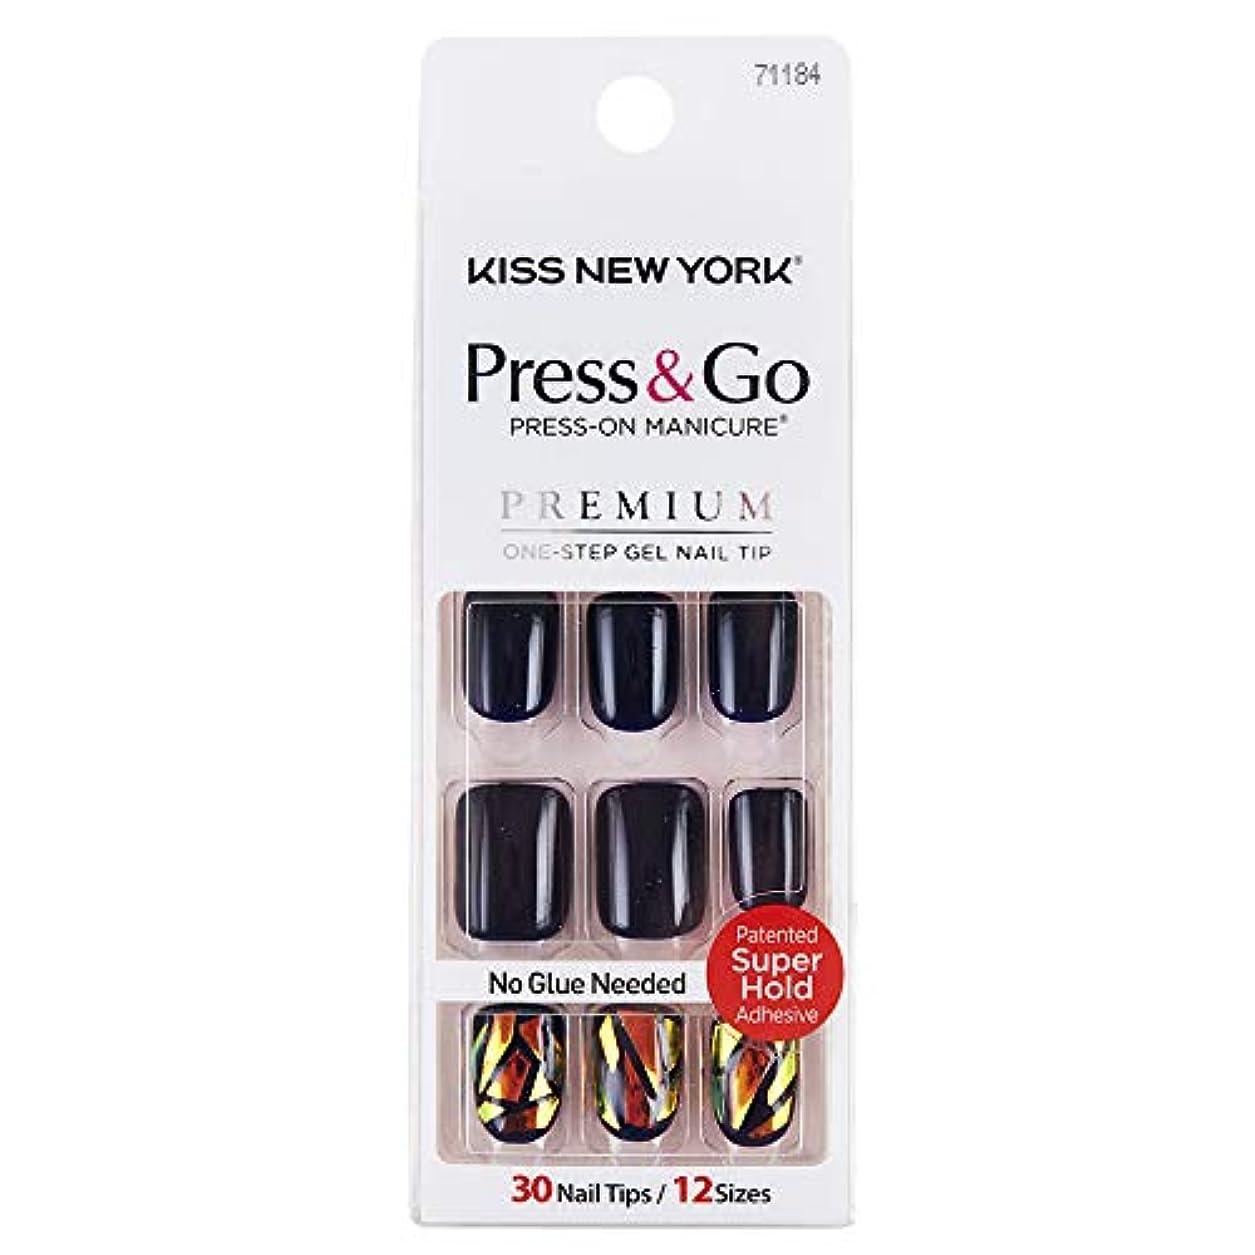 平らなレコーダー付添人キスニューヨーク (KISS NEW YORK) KISS NEWYORK ネイルチップPress&Go BIPA050J 19g